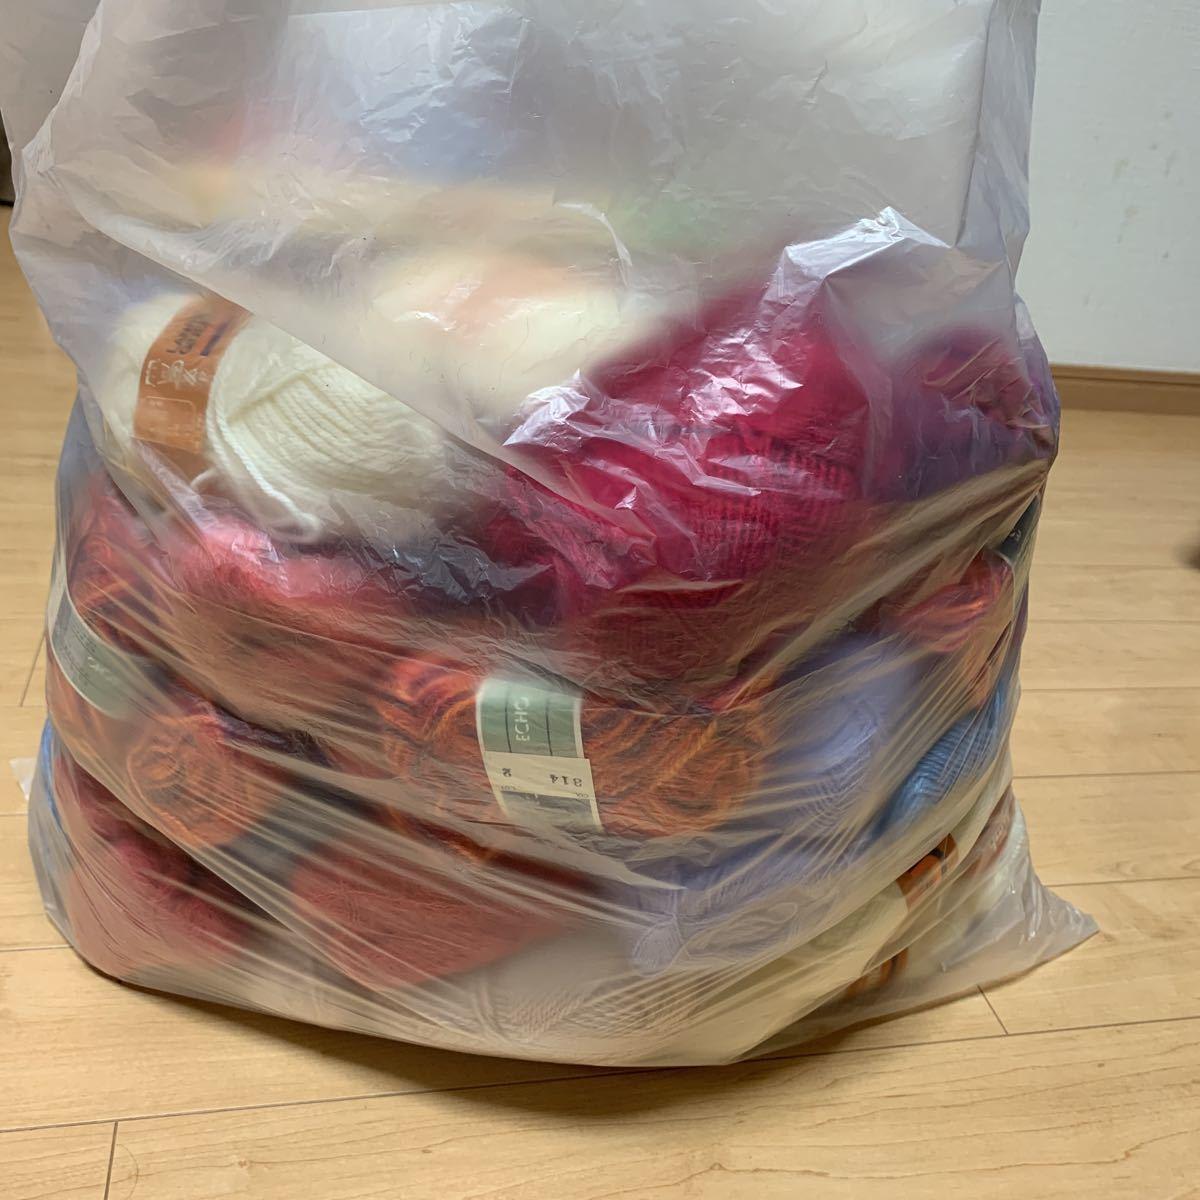 送料込!140サイズ!毛糸 まとめて まとめ売り 大量 編み針 かぎ針 ジャンク品 経年保管品 中古 編み物 手編み _画像1